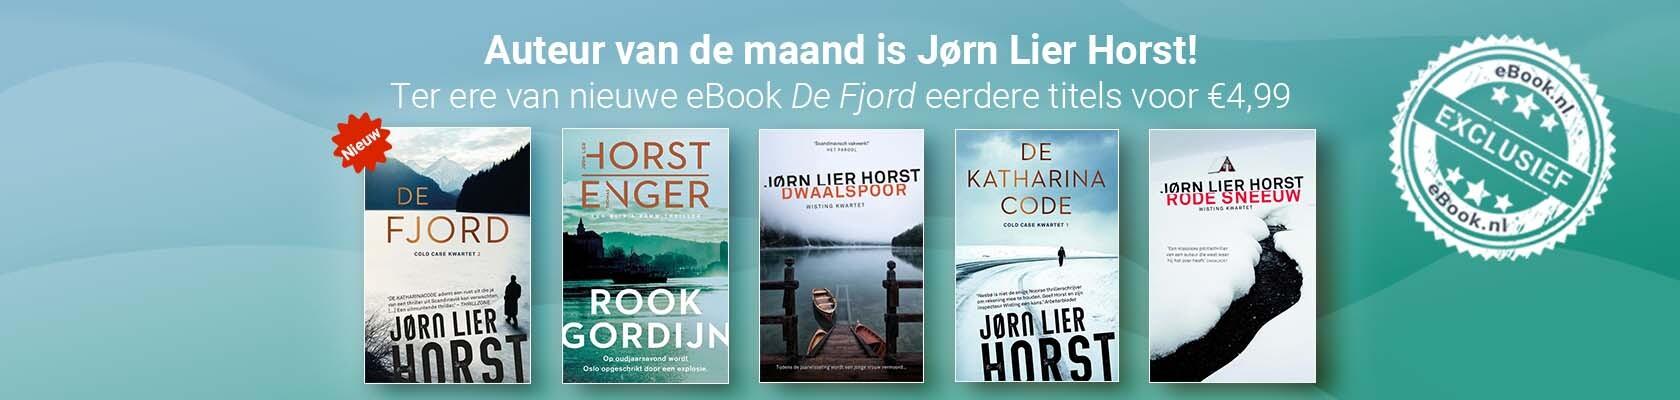 Auteur van de maand: Lier Horst